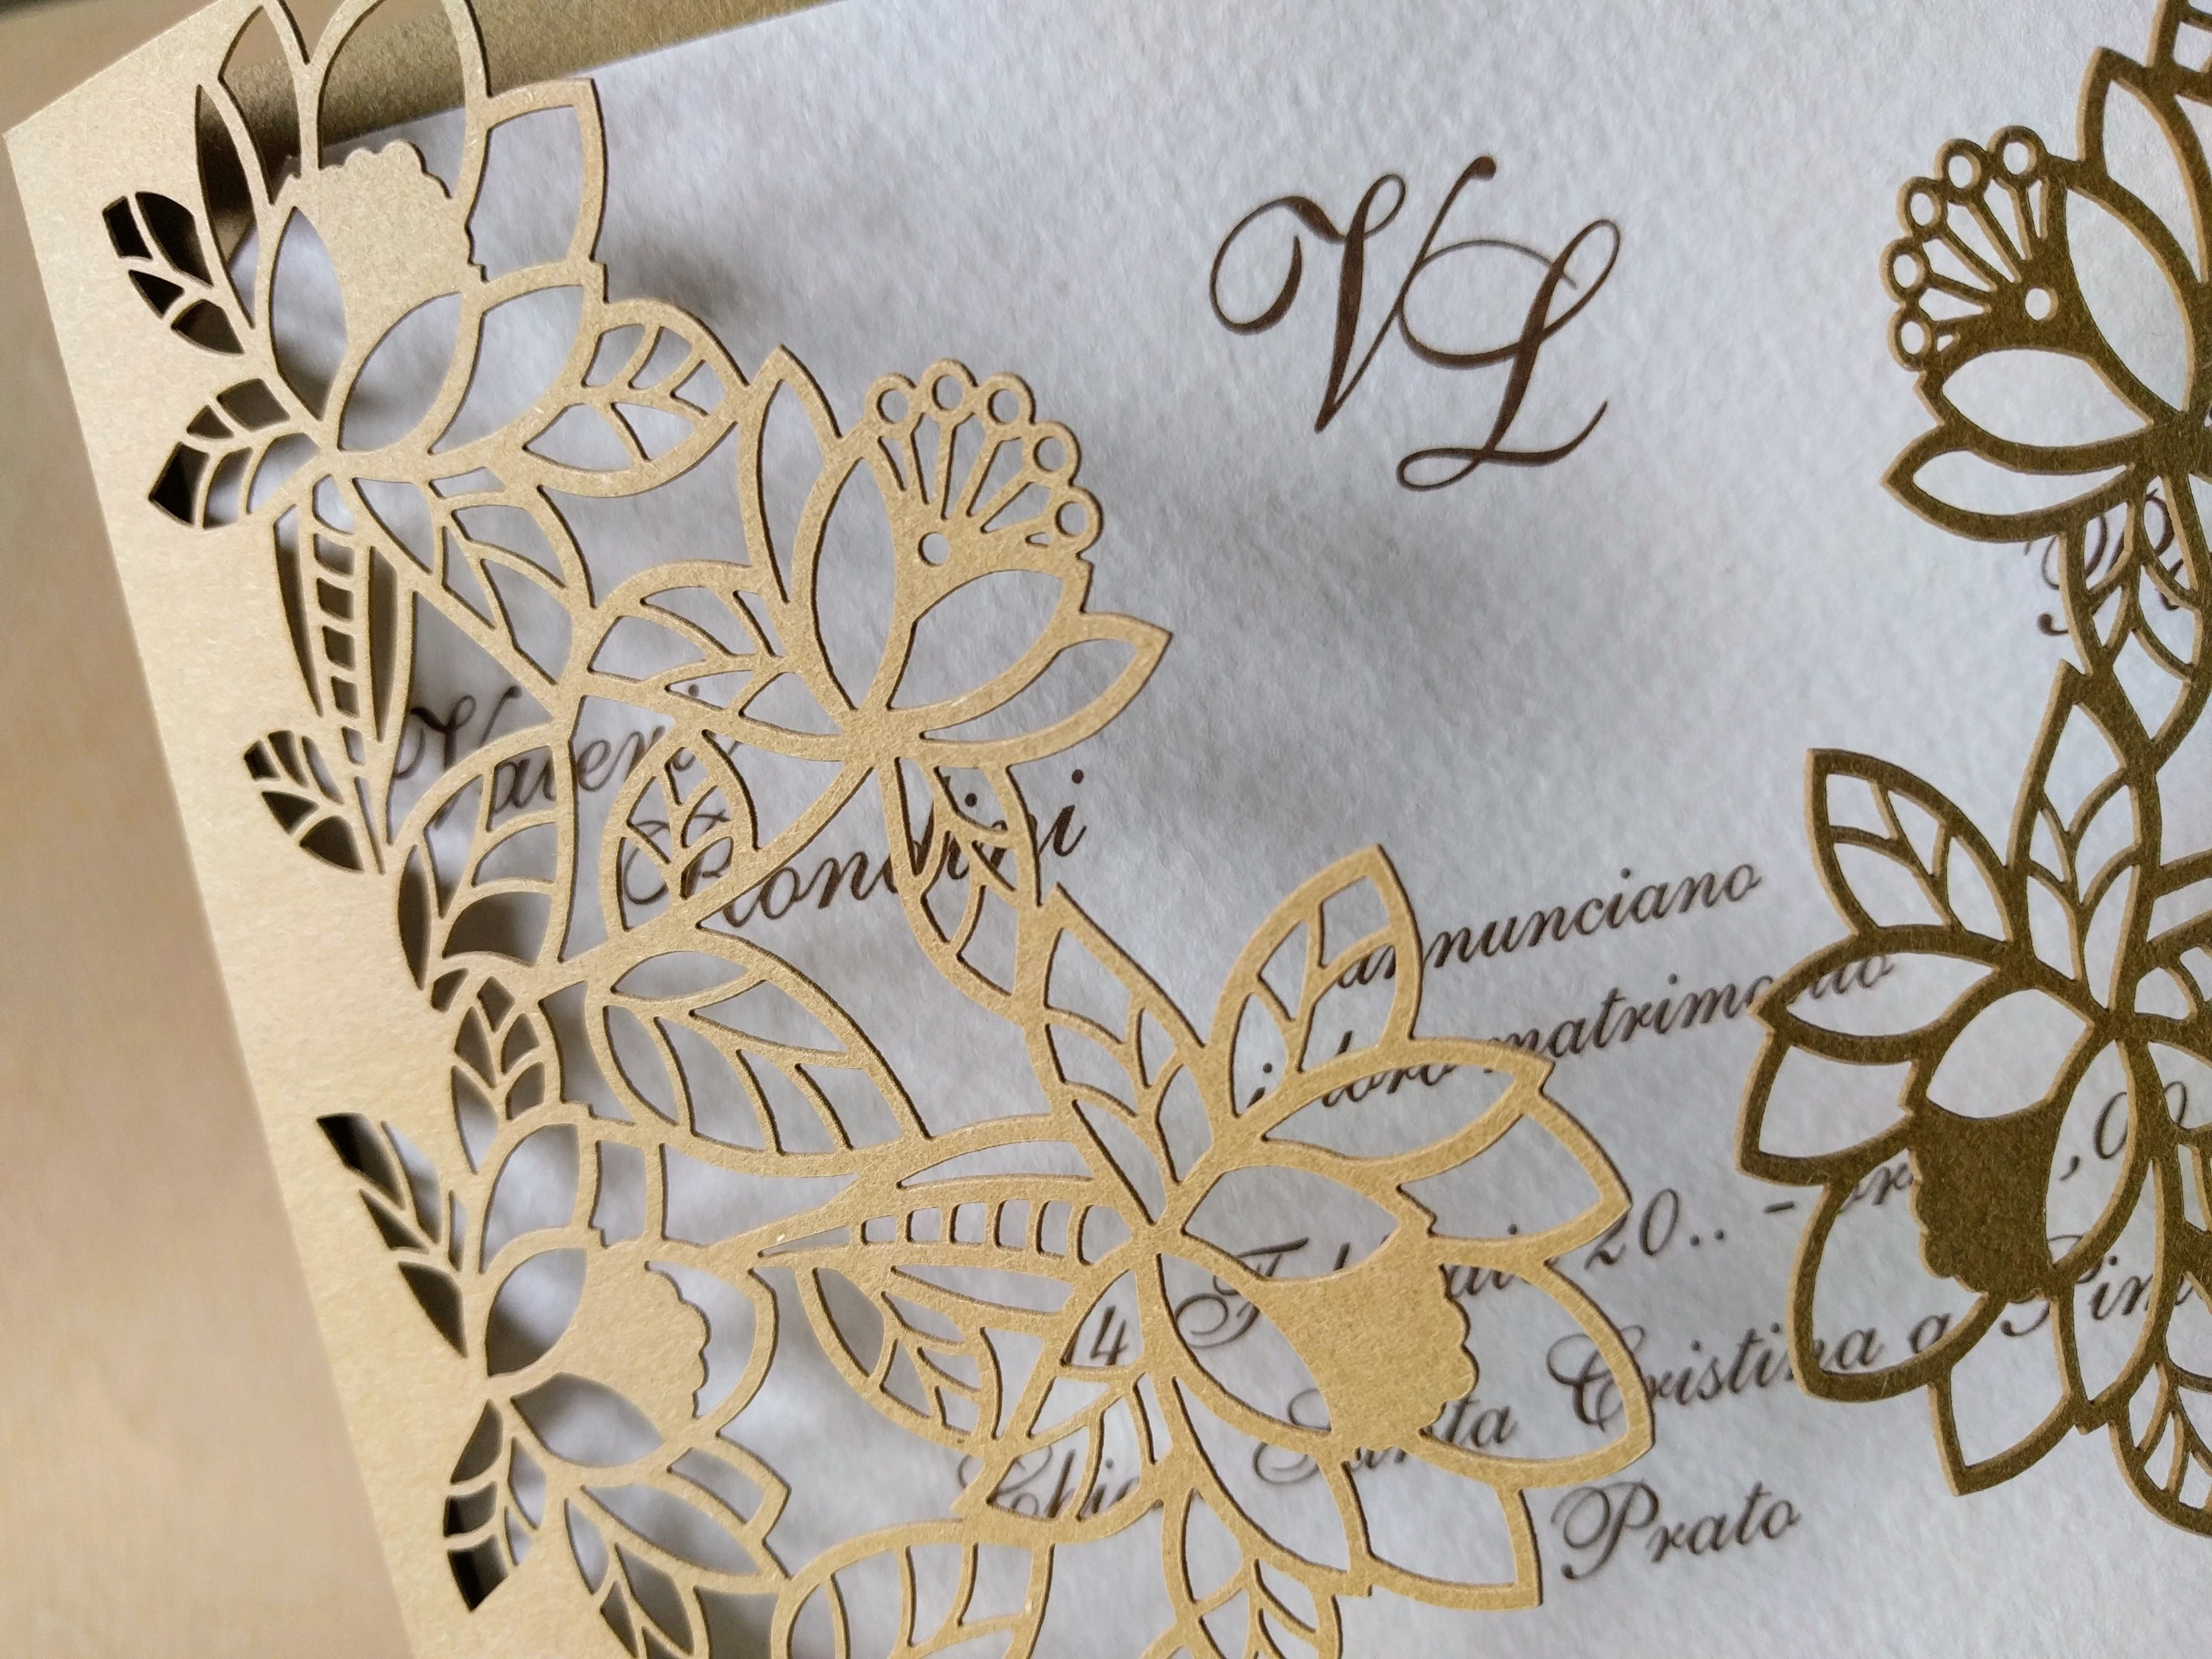 Partecipazioni Matrimonio Online Gratis.Pin Su Partecipazioni Di Nozze